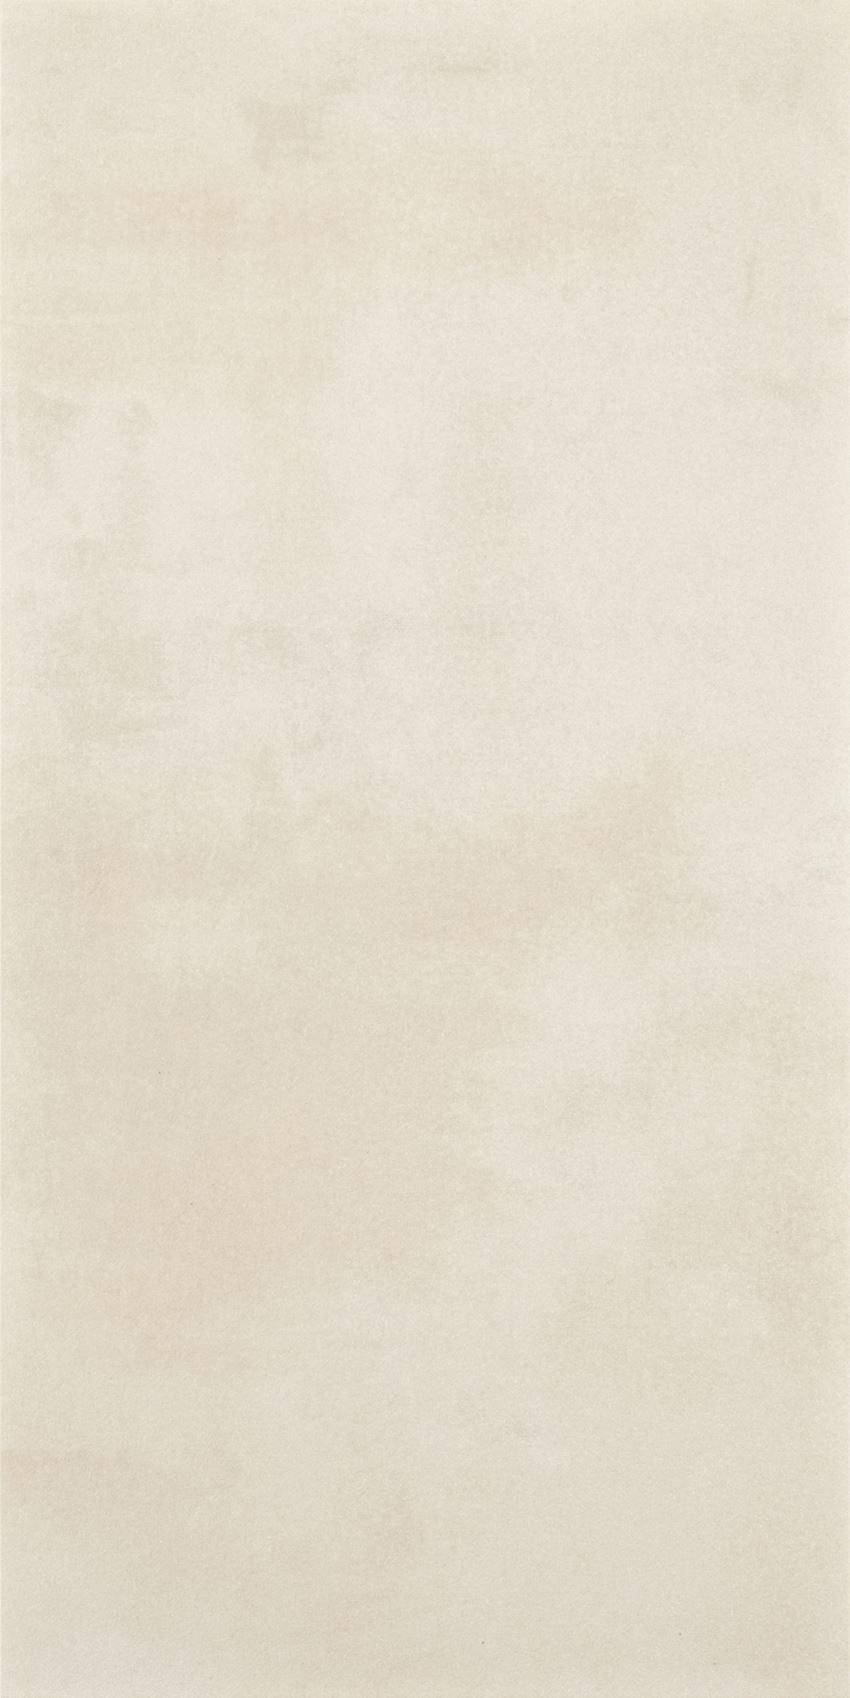 Płytka uniwersalna 29,8x59,8 cm Paradyż Tecniq Bianco Gres Szkl. Rekt. Półpoler